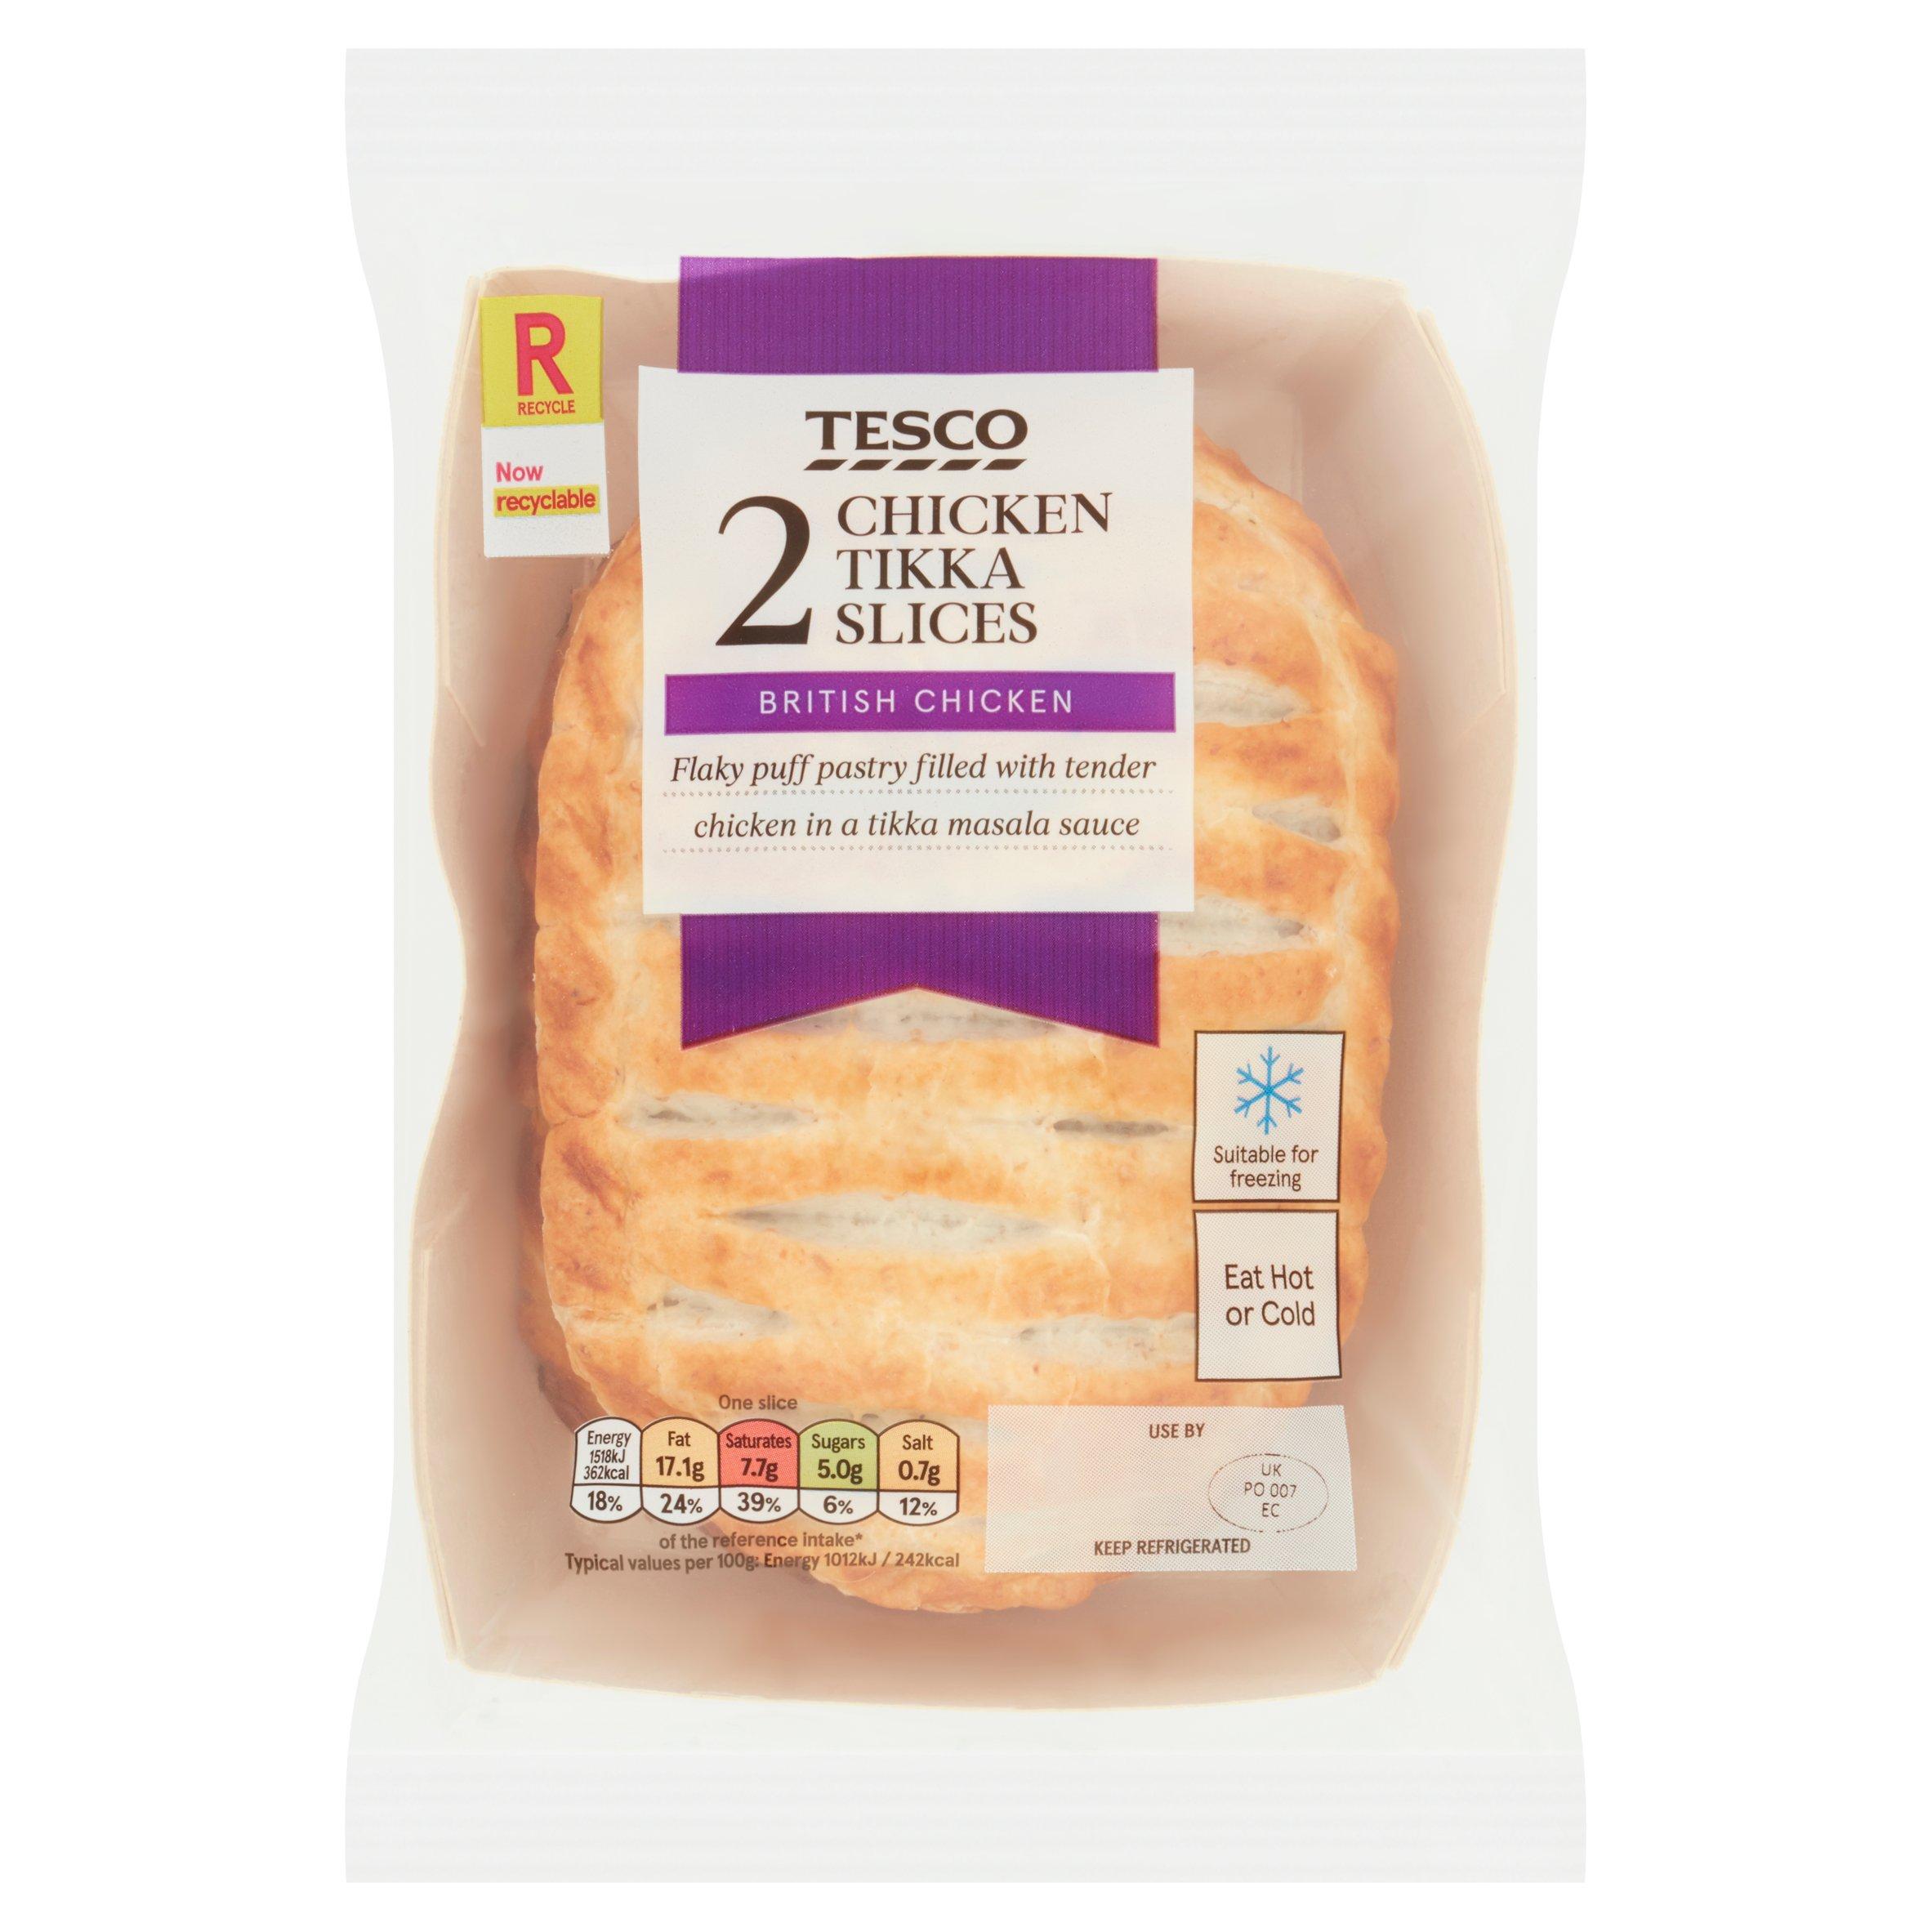 Tesco 2 Chicken Tikka Slices 300G